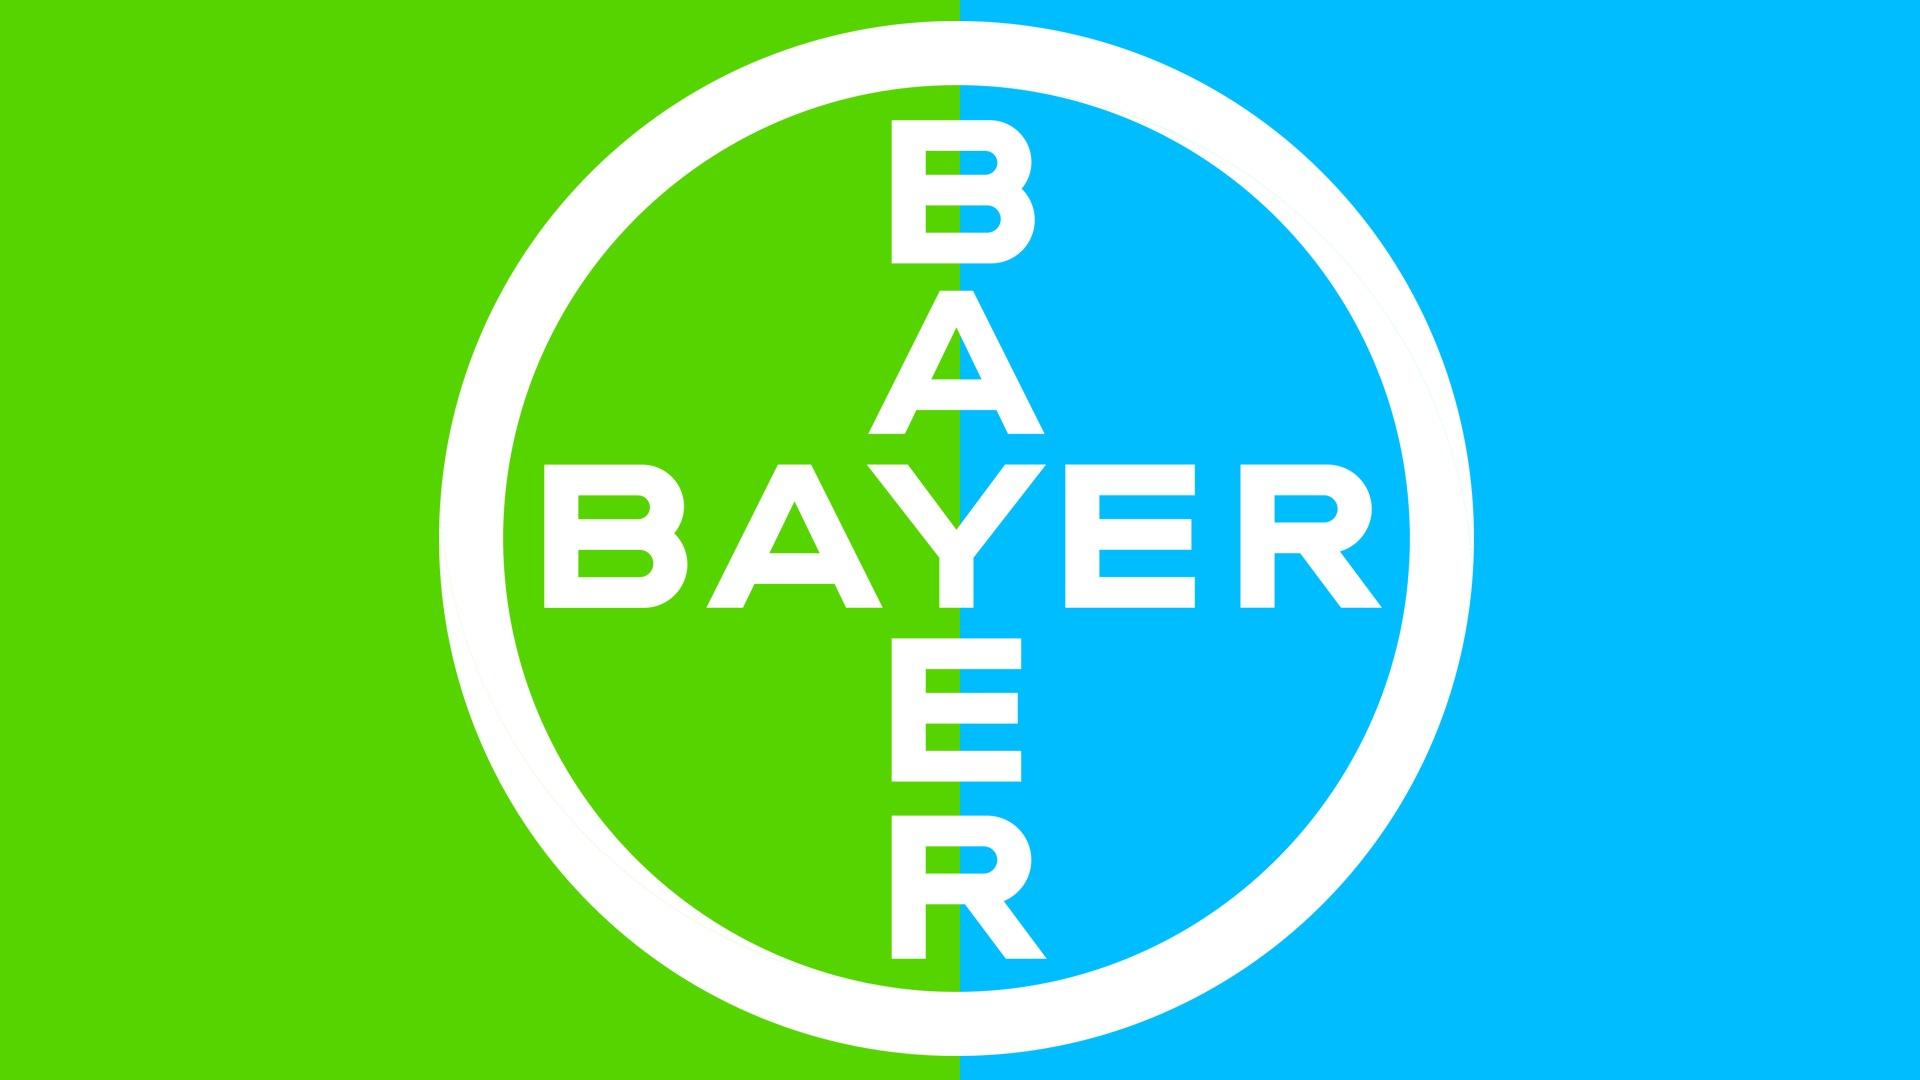 Bayer L